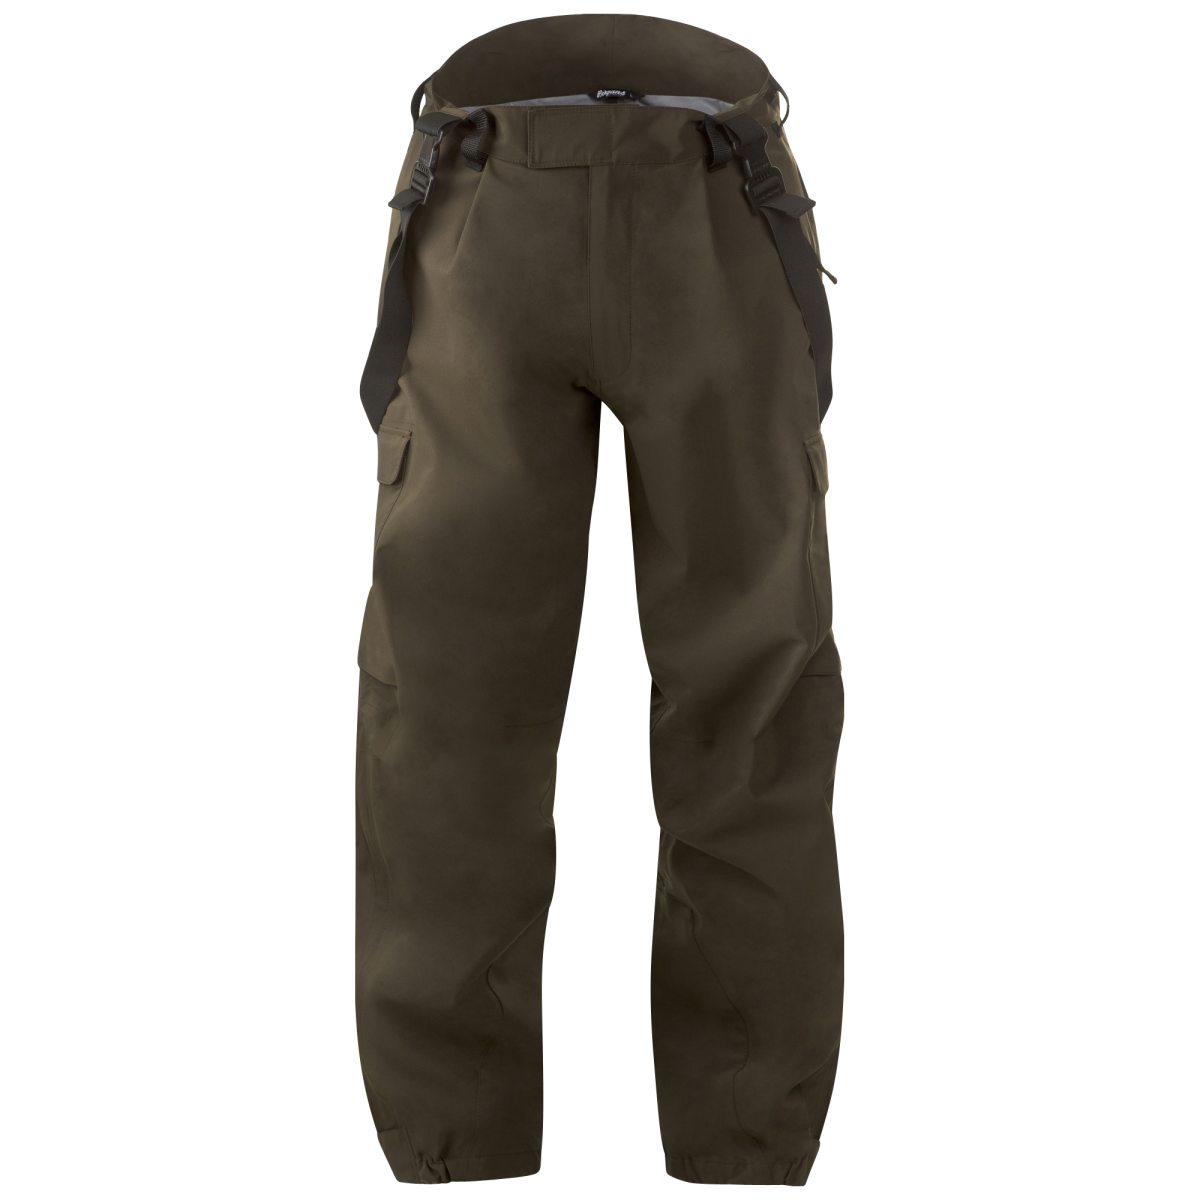 5ff5722e Buy jaktbukse jaktjakke bukse. Shop every store on the internet via ...